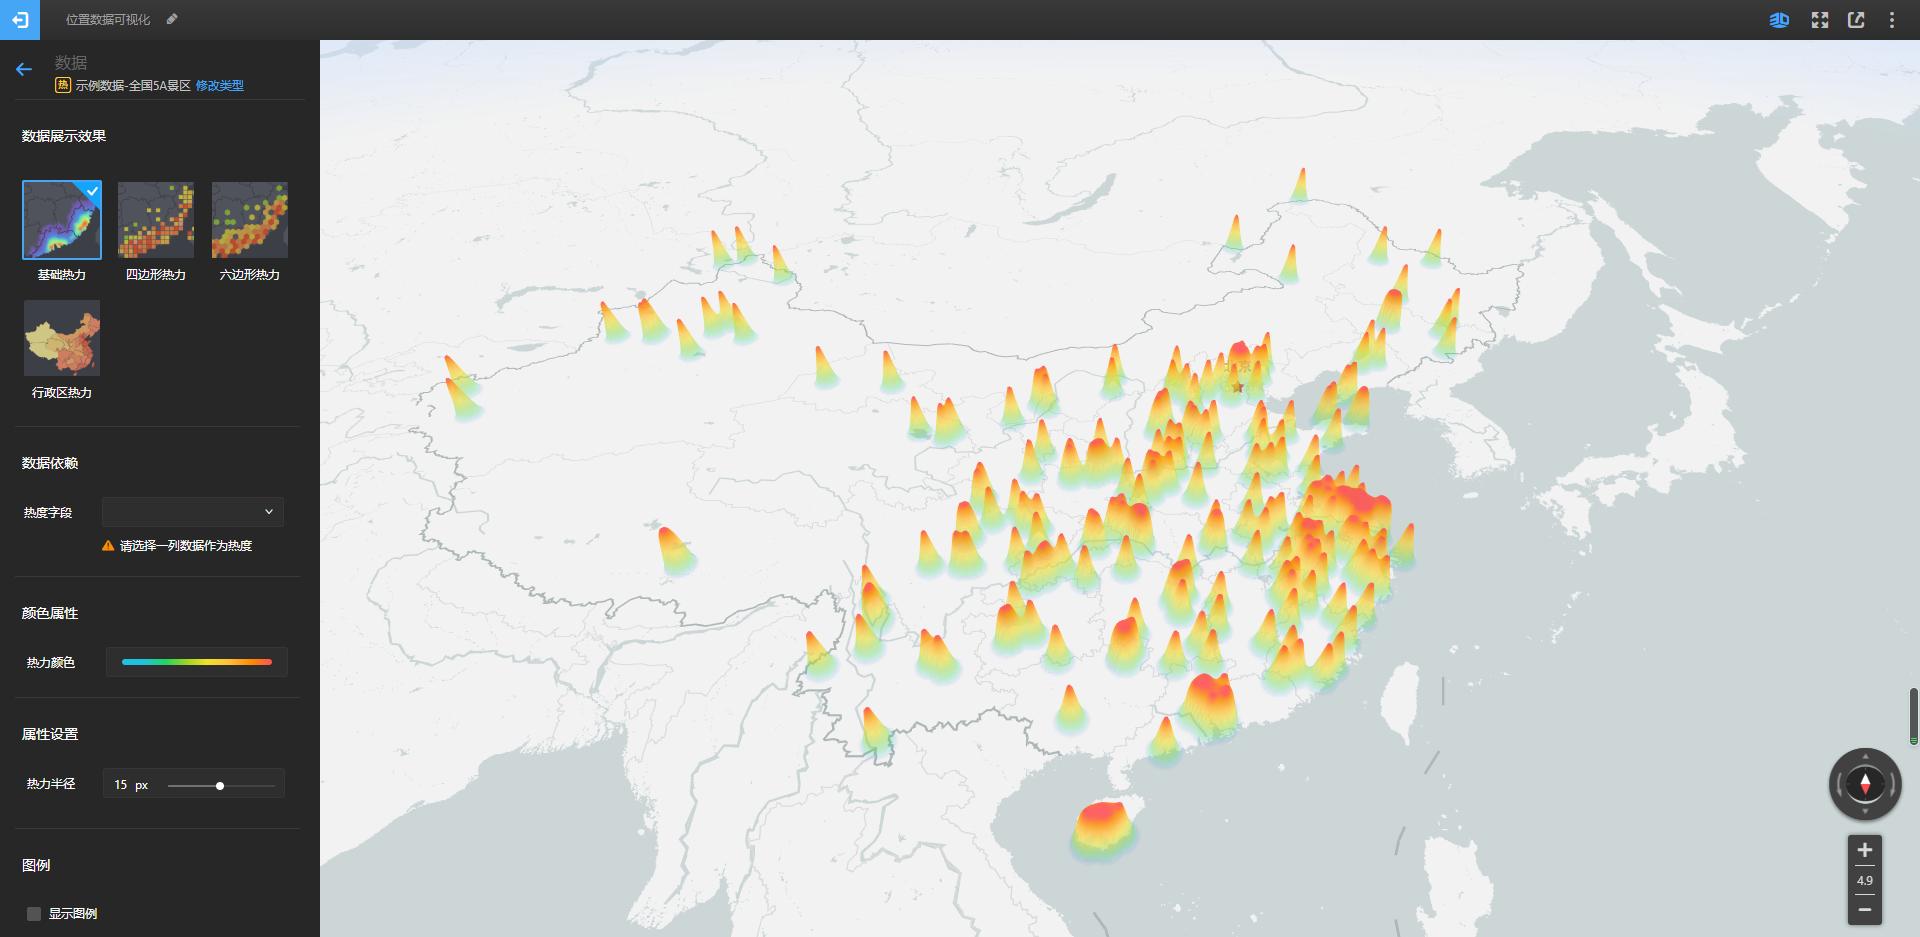 推荐|一个强大免费的地图可视化工具